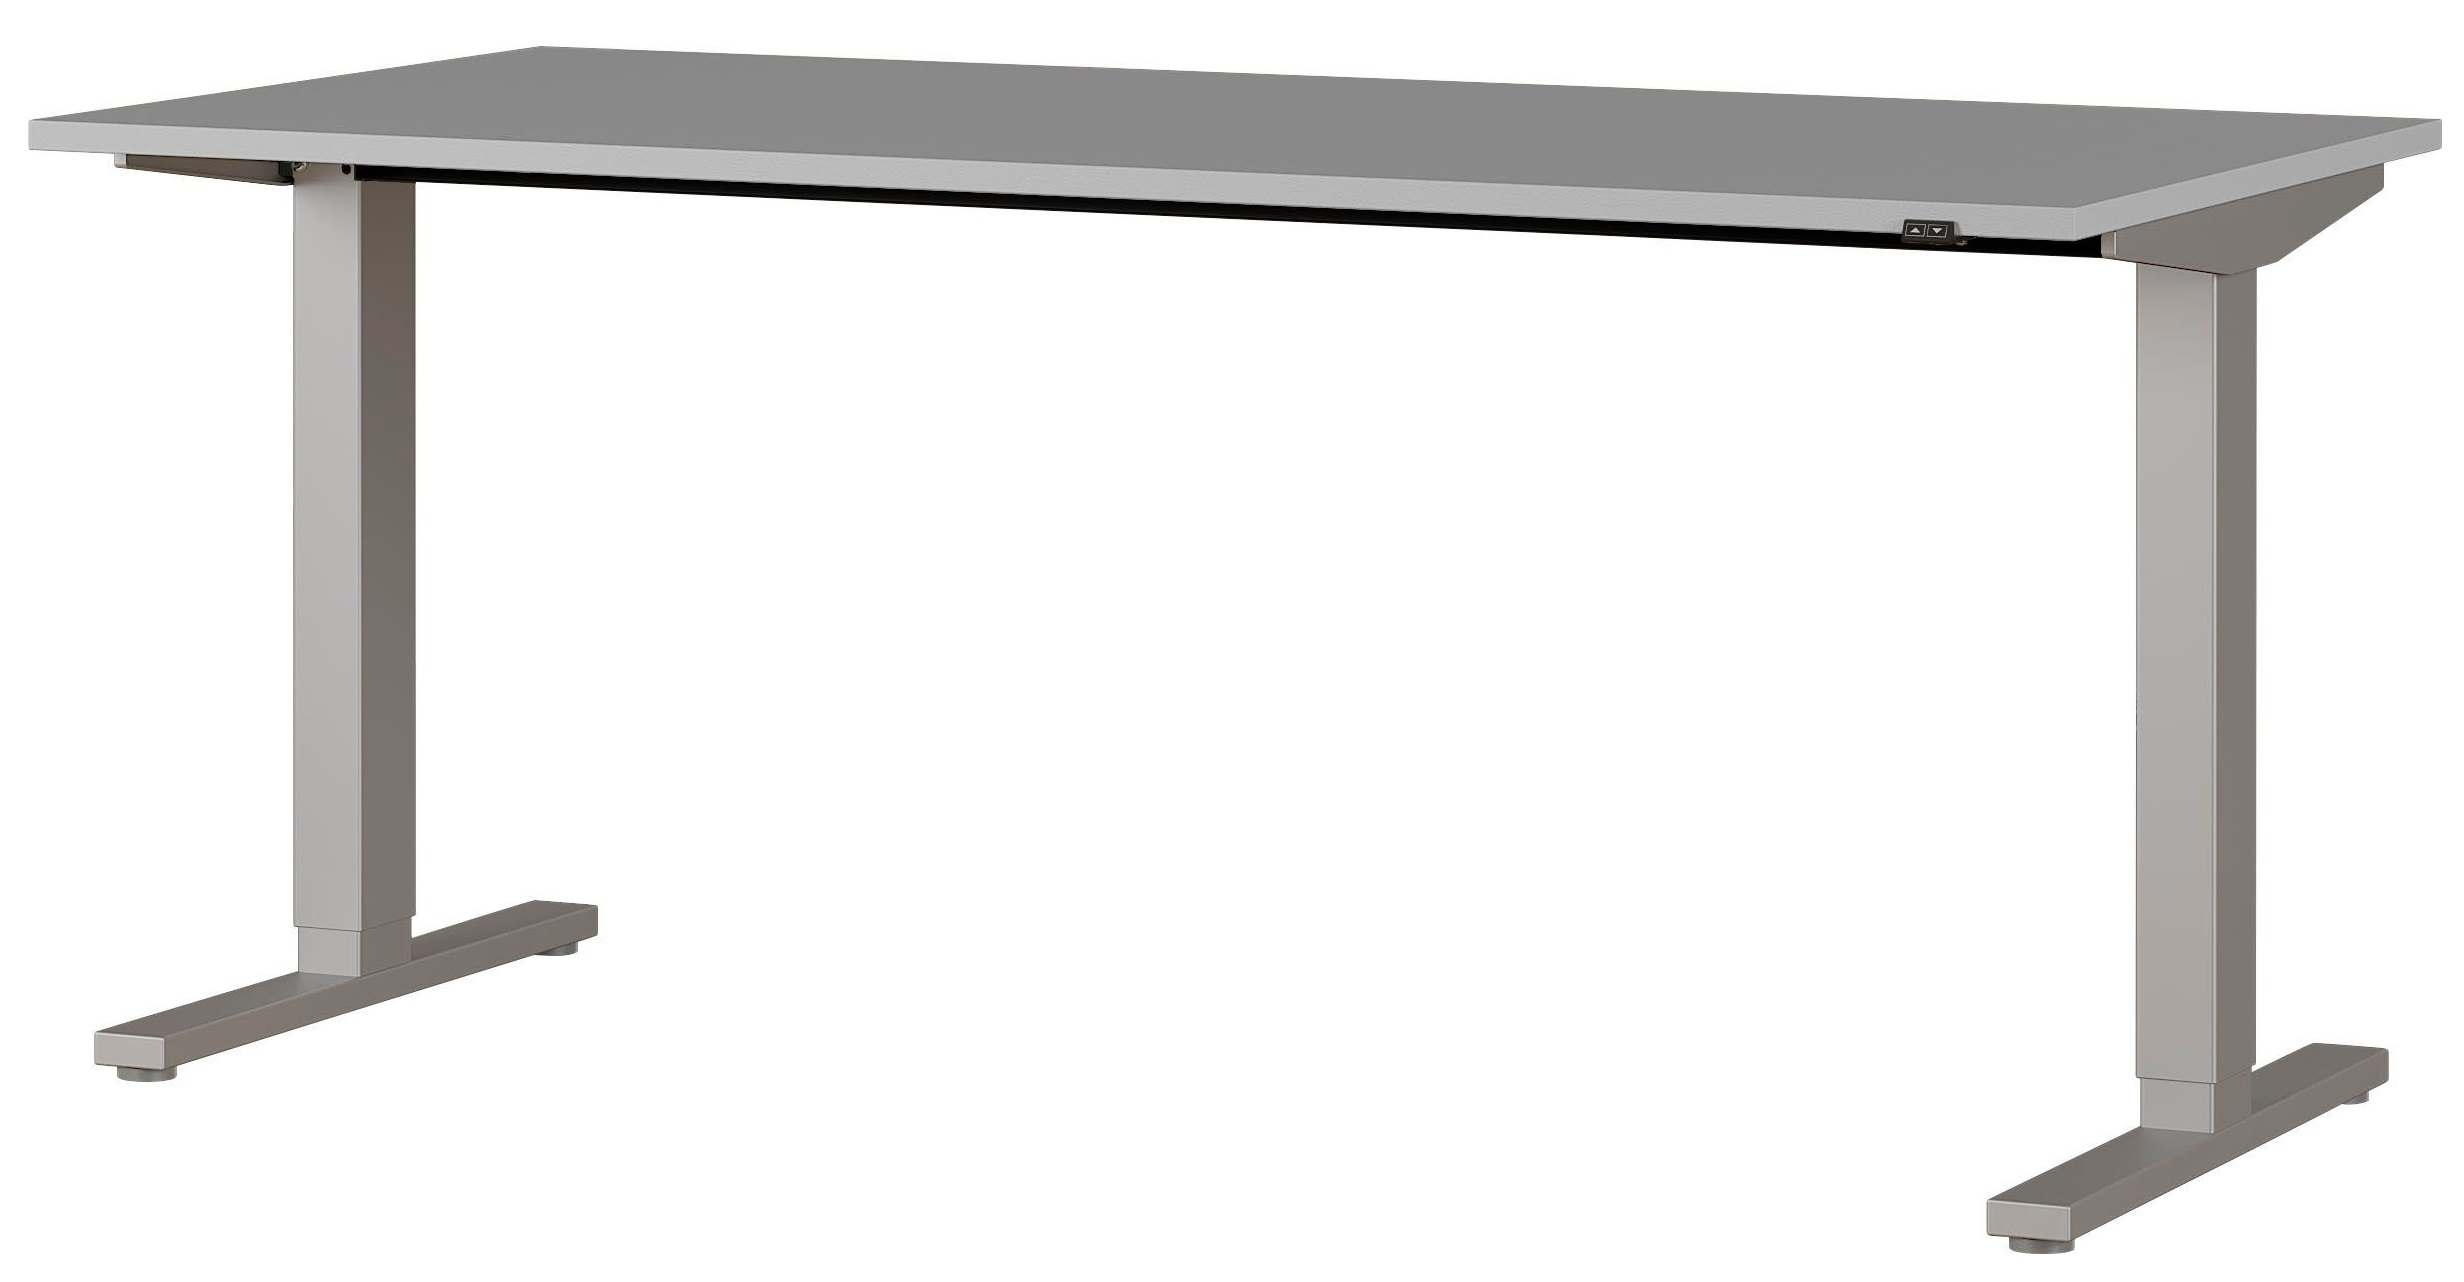 Zit sta bureau Agenda B160xH67-87xD80 cm in lichtgrijs met zilver | Germania